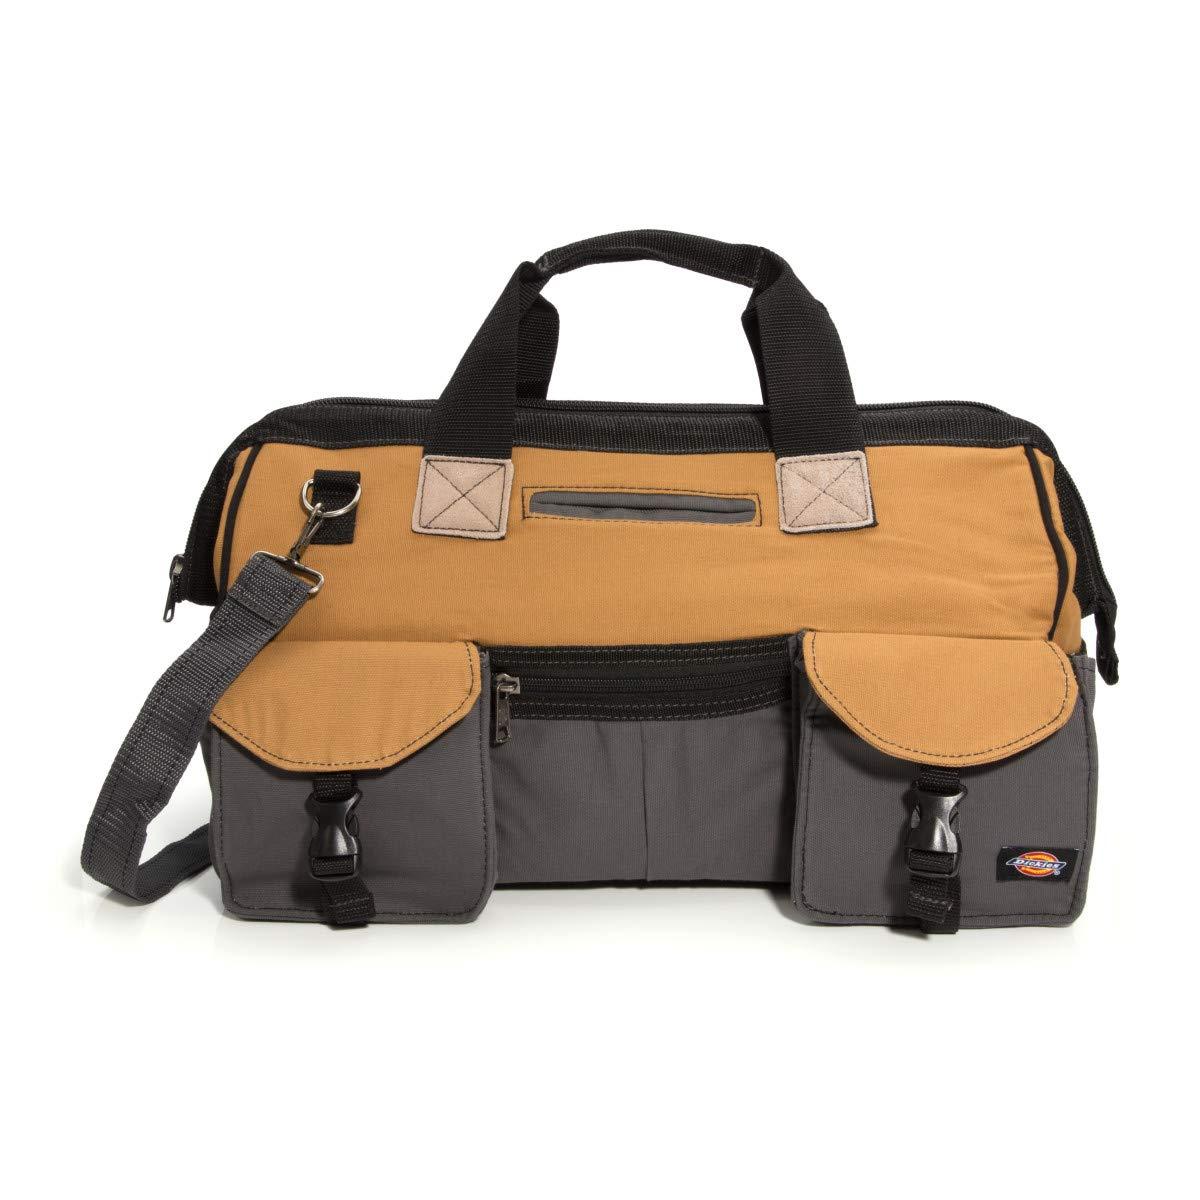 Dickies Work Gear 57032 18-Inch Work Bag